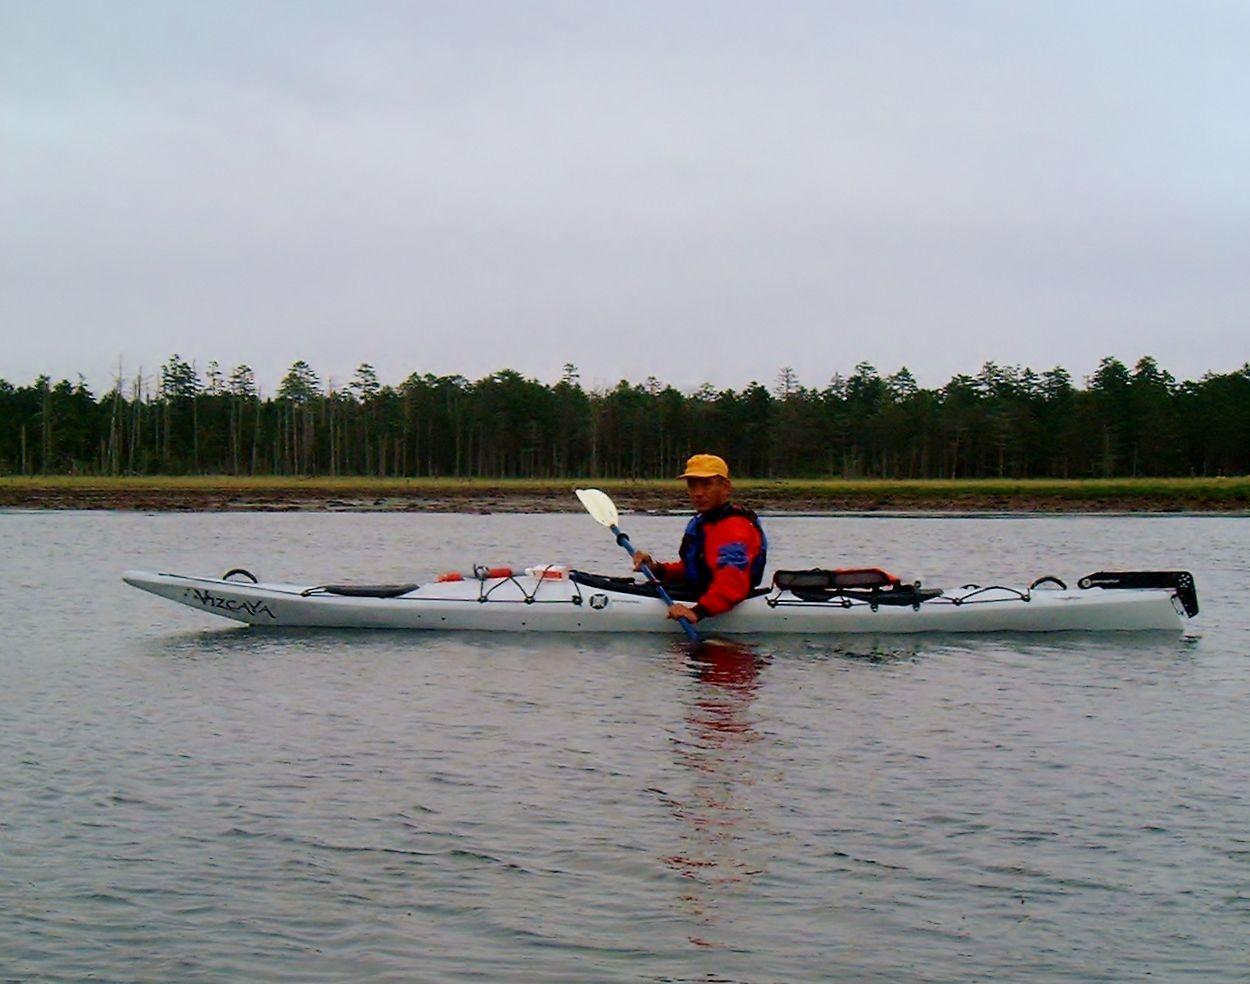 Hokkaido Lake Furen